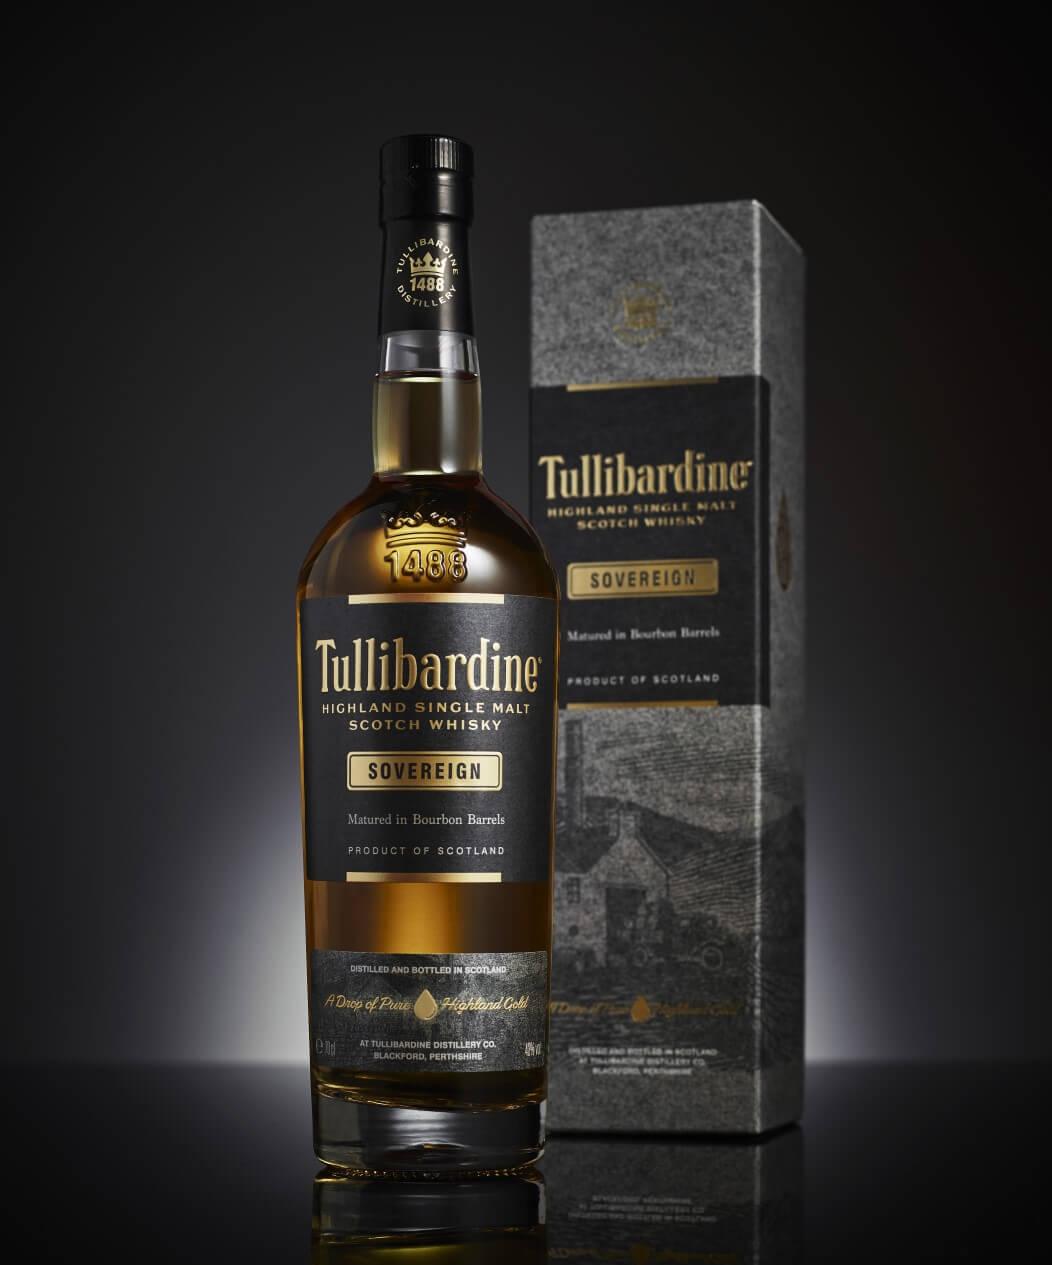 The Tullibardine Sovereign.